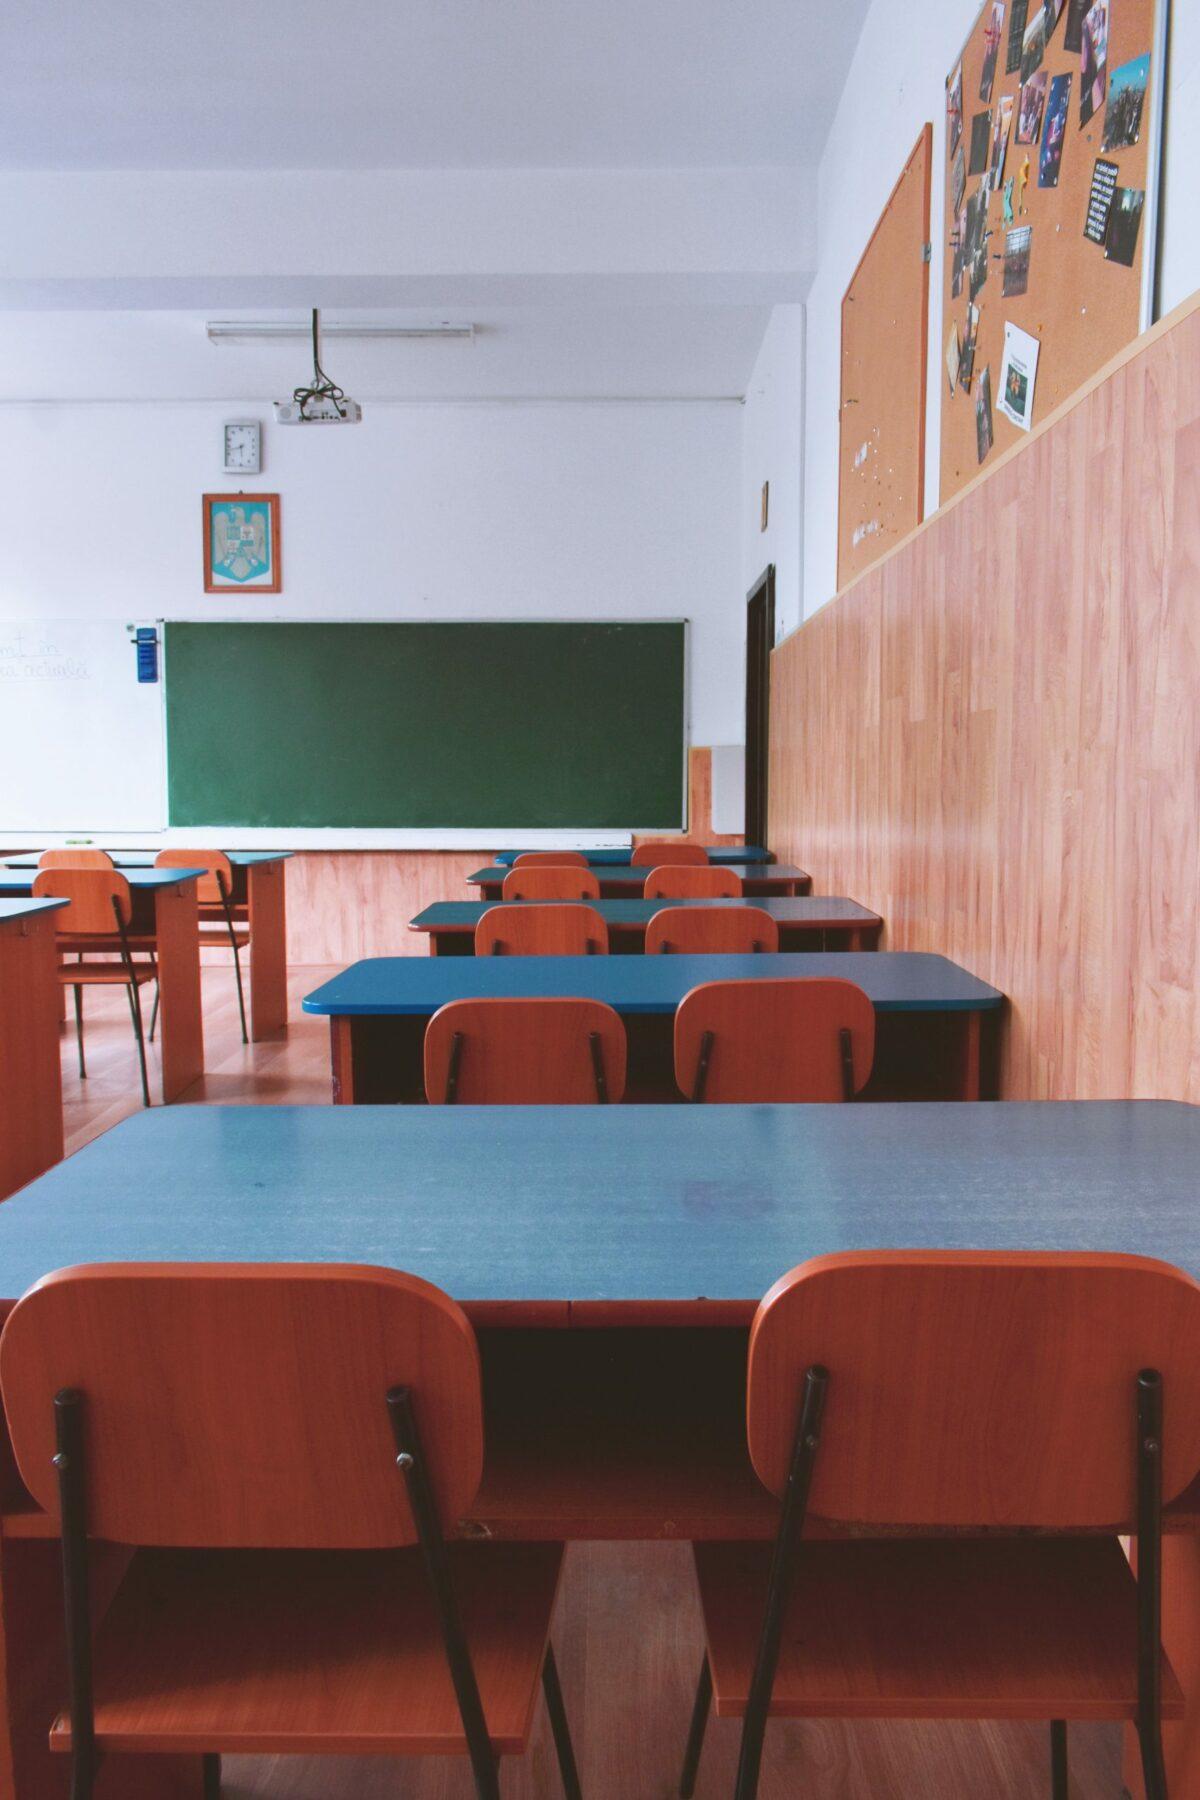 Des élèves de plus en plus mauvais, ou un système éducatif inadapté aux enjeux du XXIème siècle